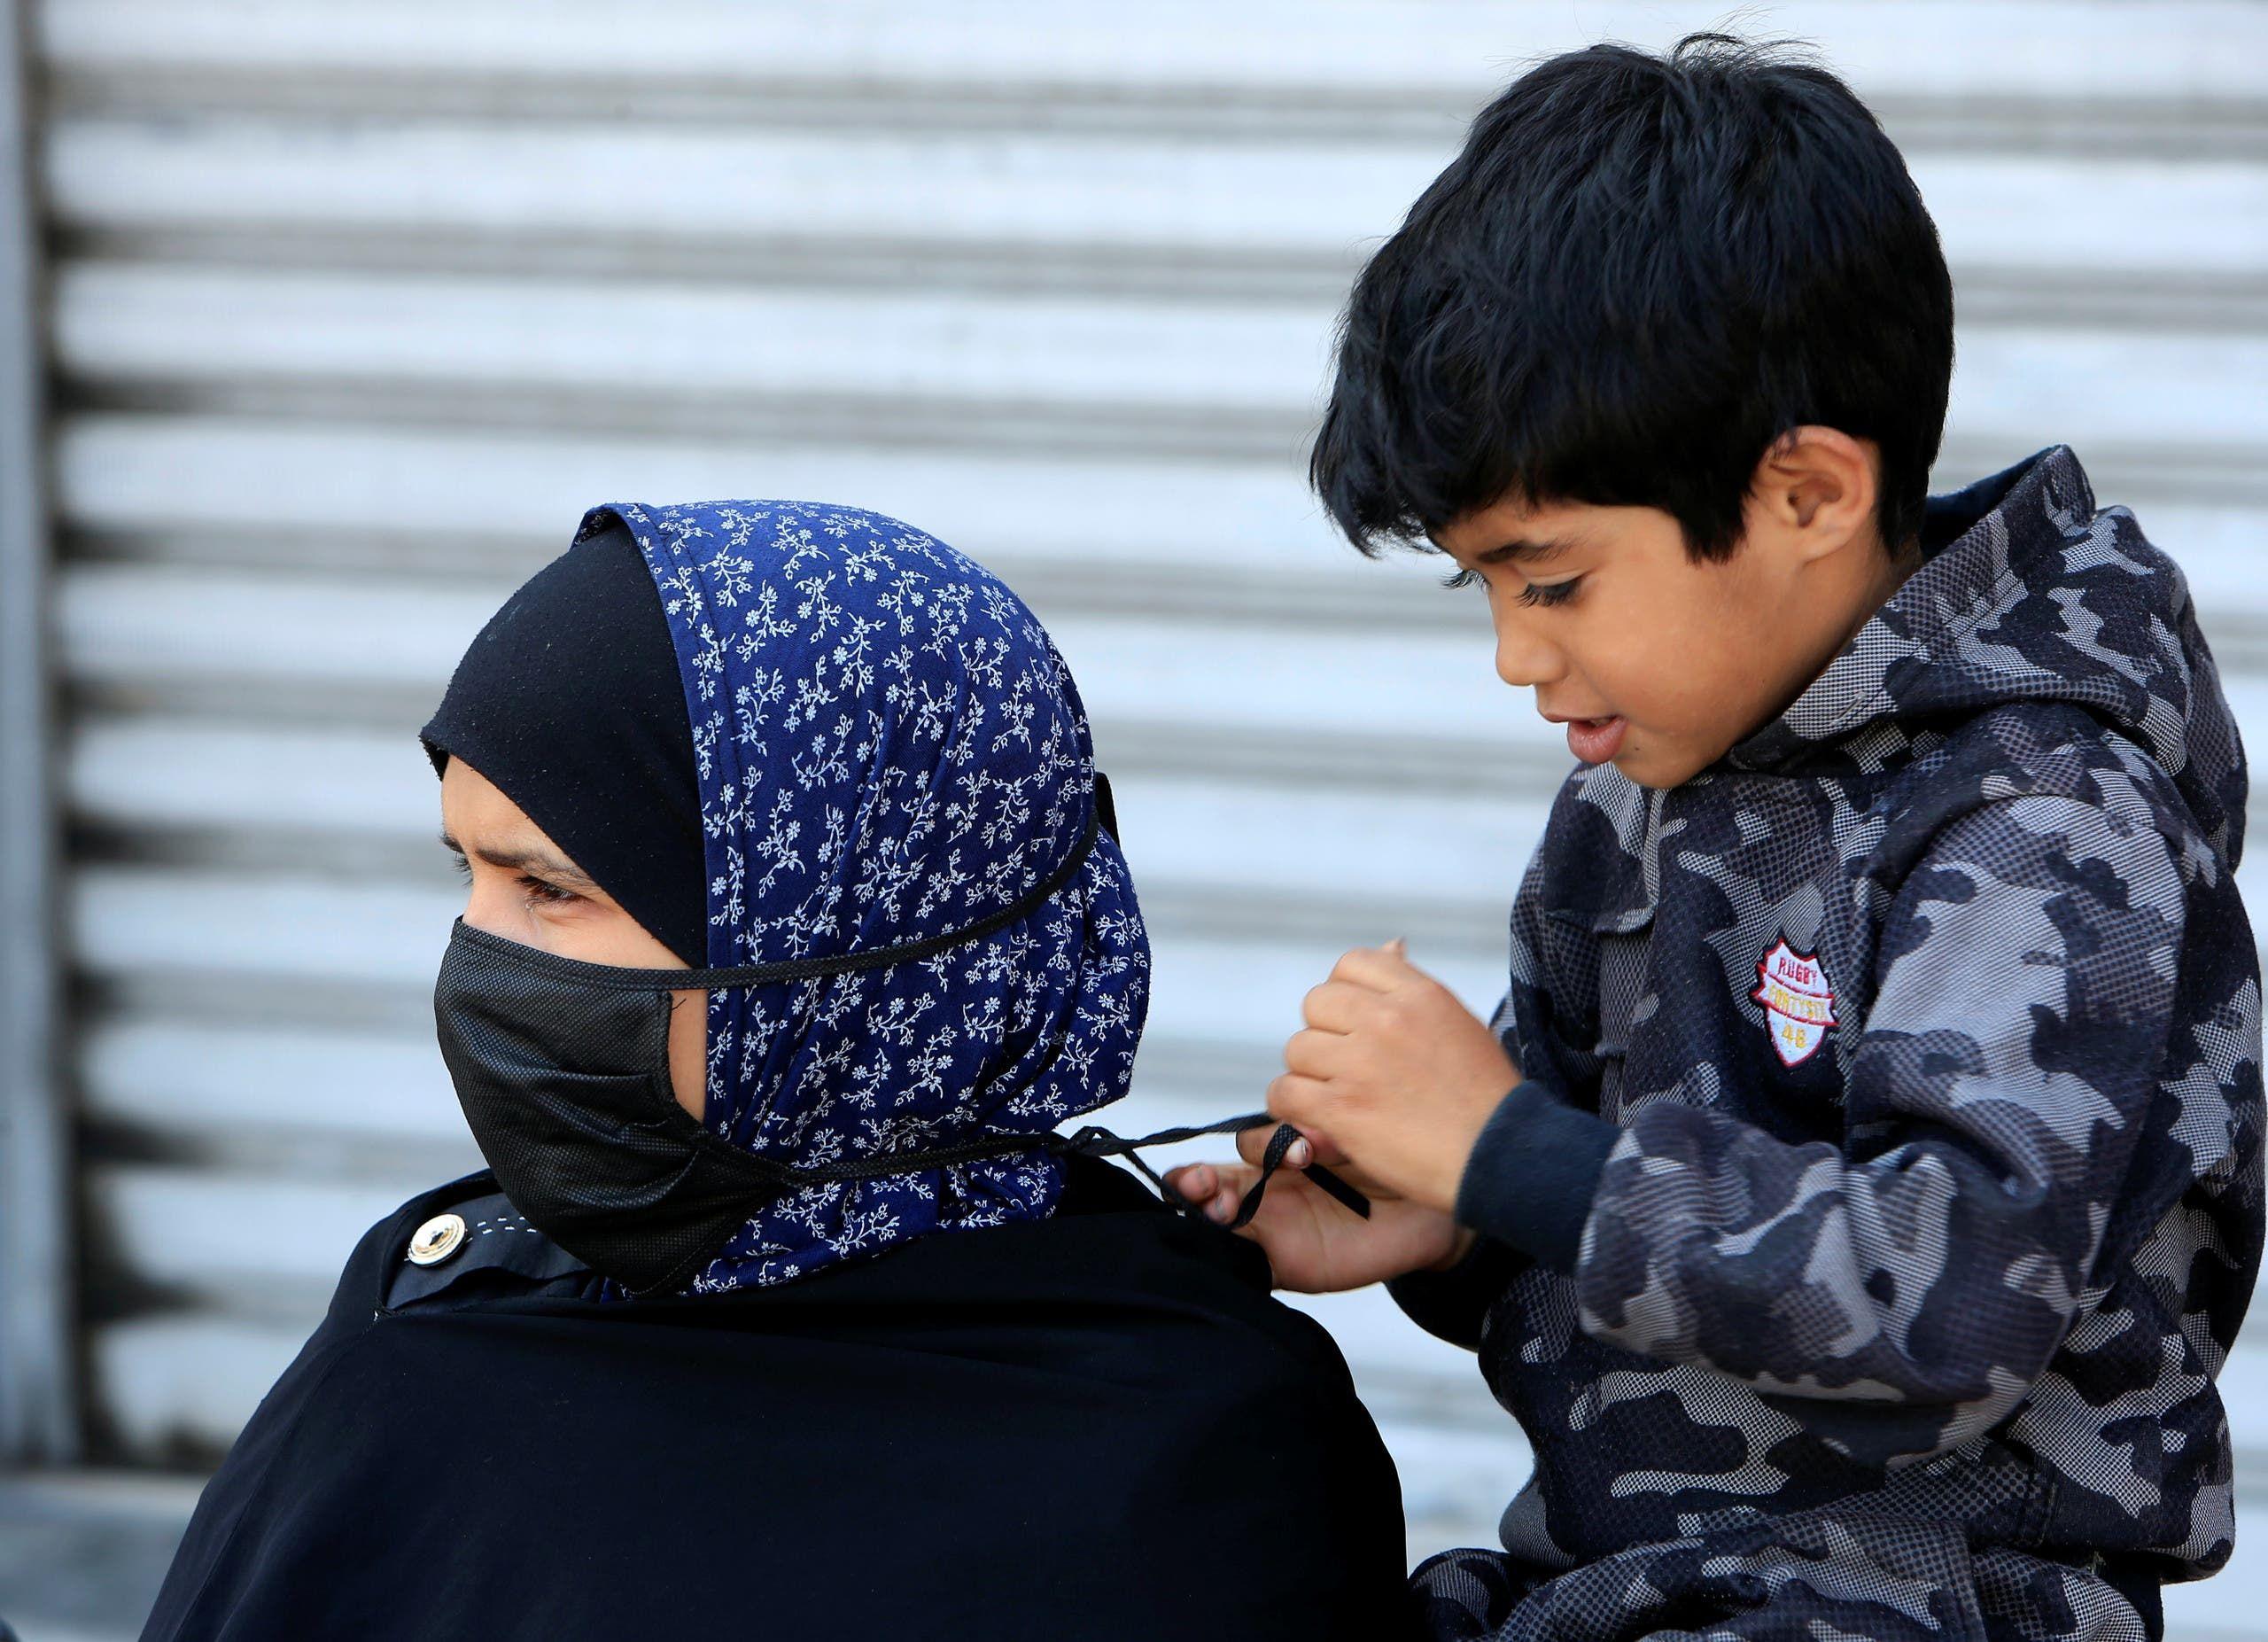 طفل يساعد والدته على ارتداء الكمامة في صيدا بجنوب لبنان